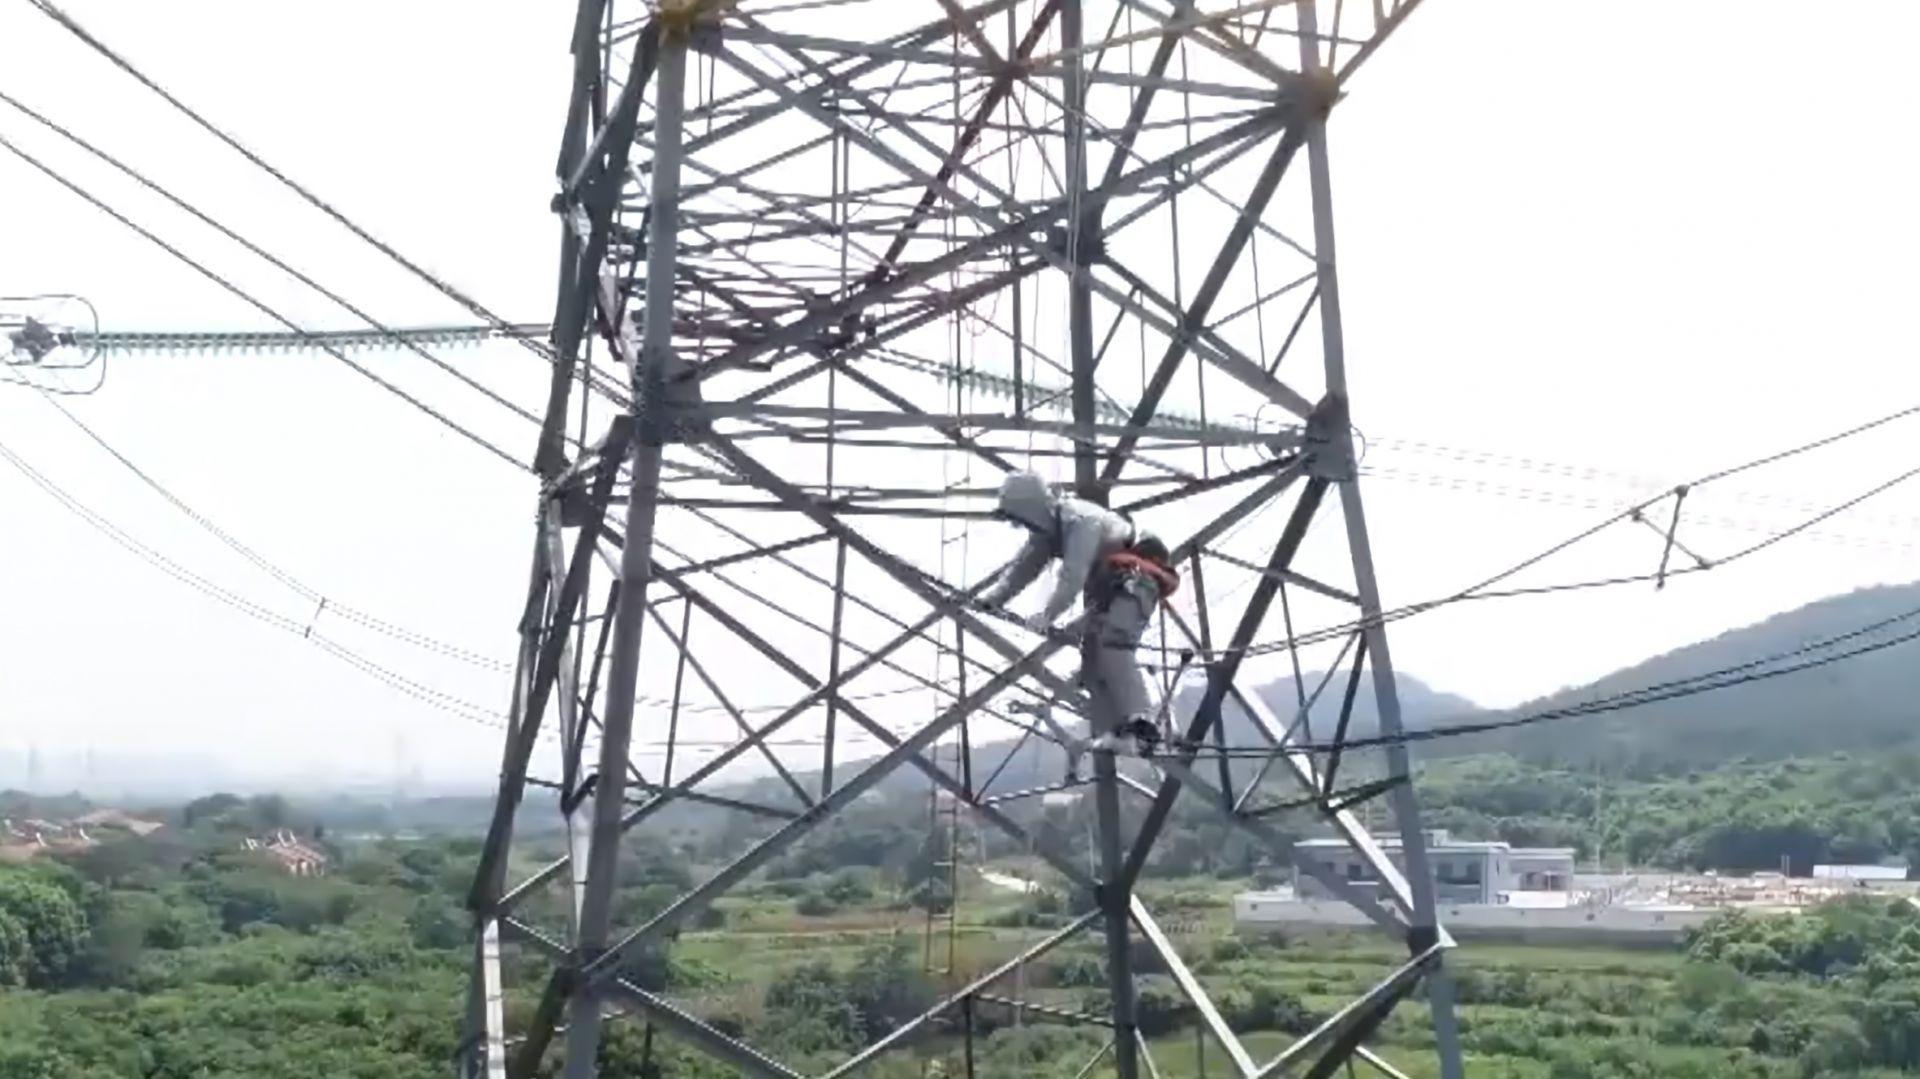 武汉检修人员500千伏高压线上荡秋千式抢修